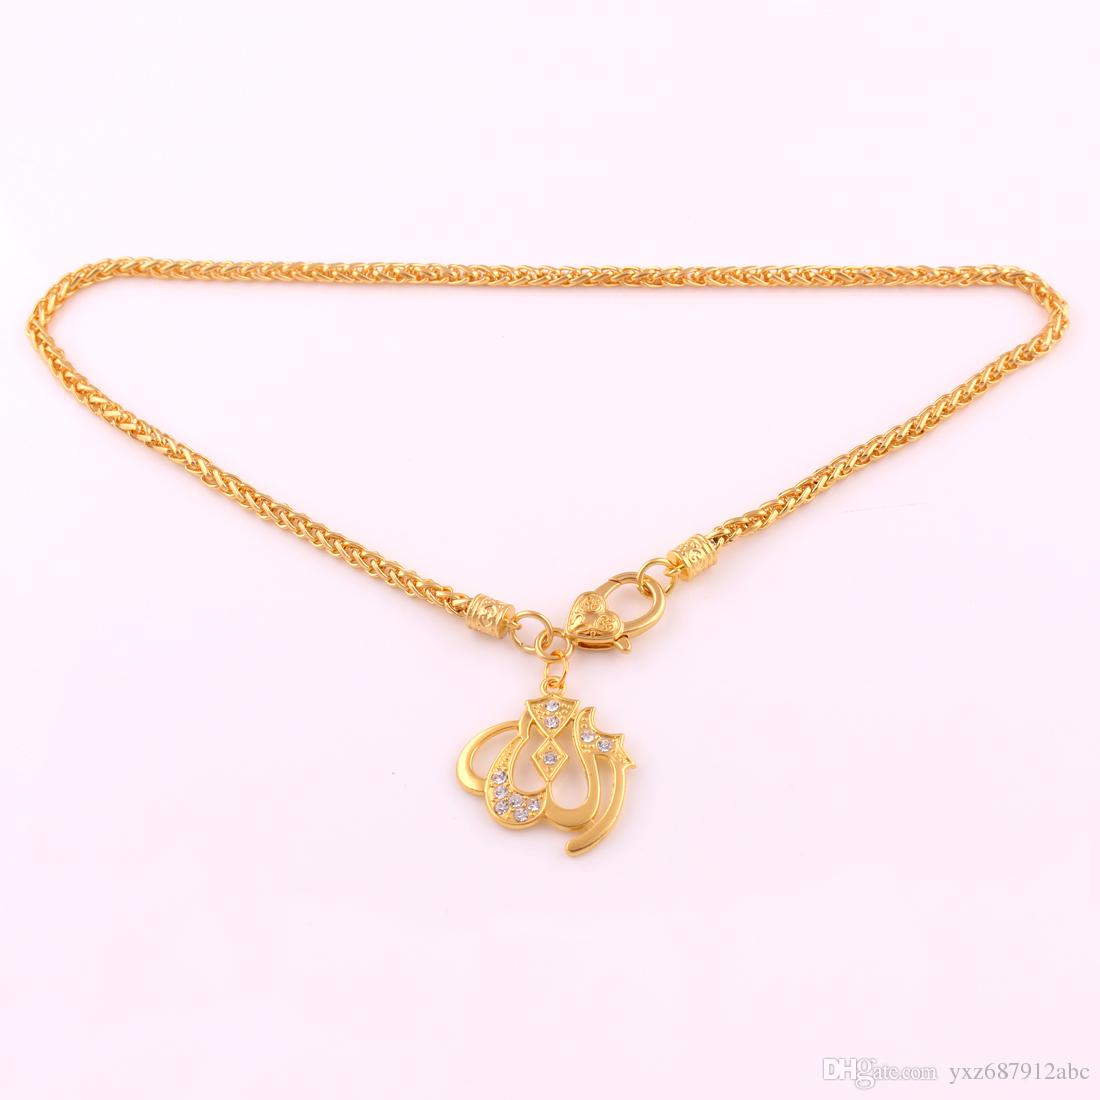 Bonne qualité or couleur ourdou prière charme pendant avec cristal clair mode religieux lien de blé chaîne collier bijoux cadeau